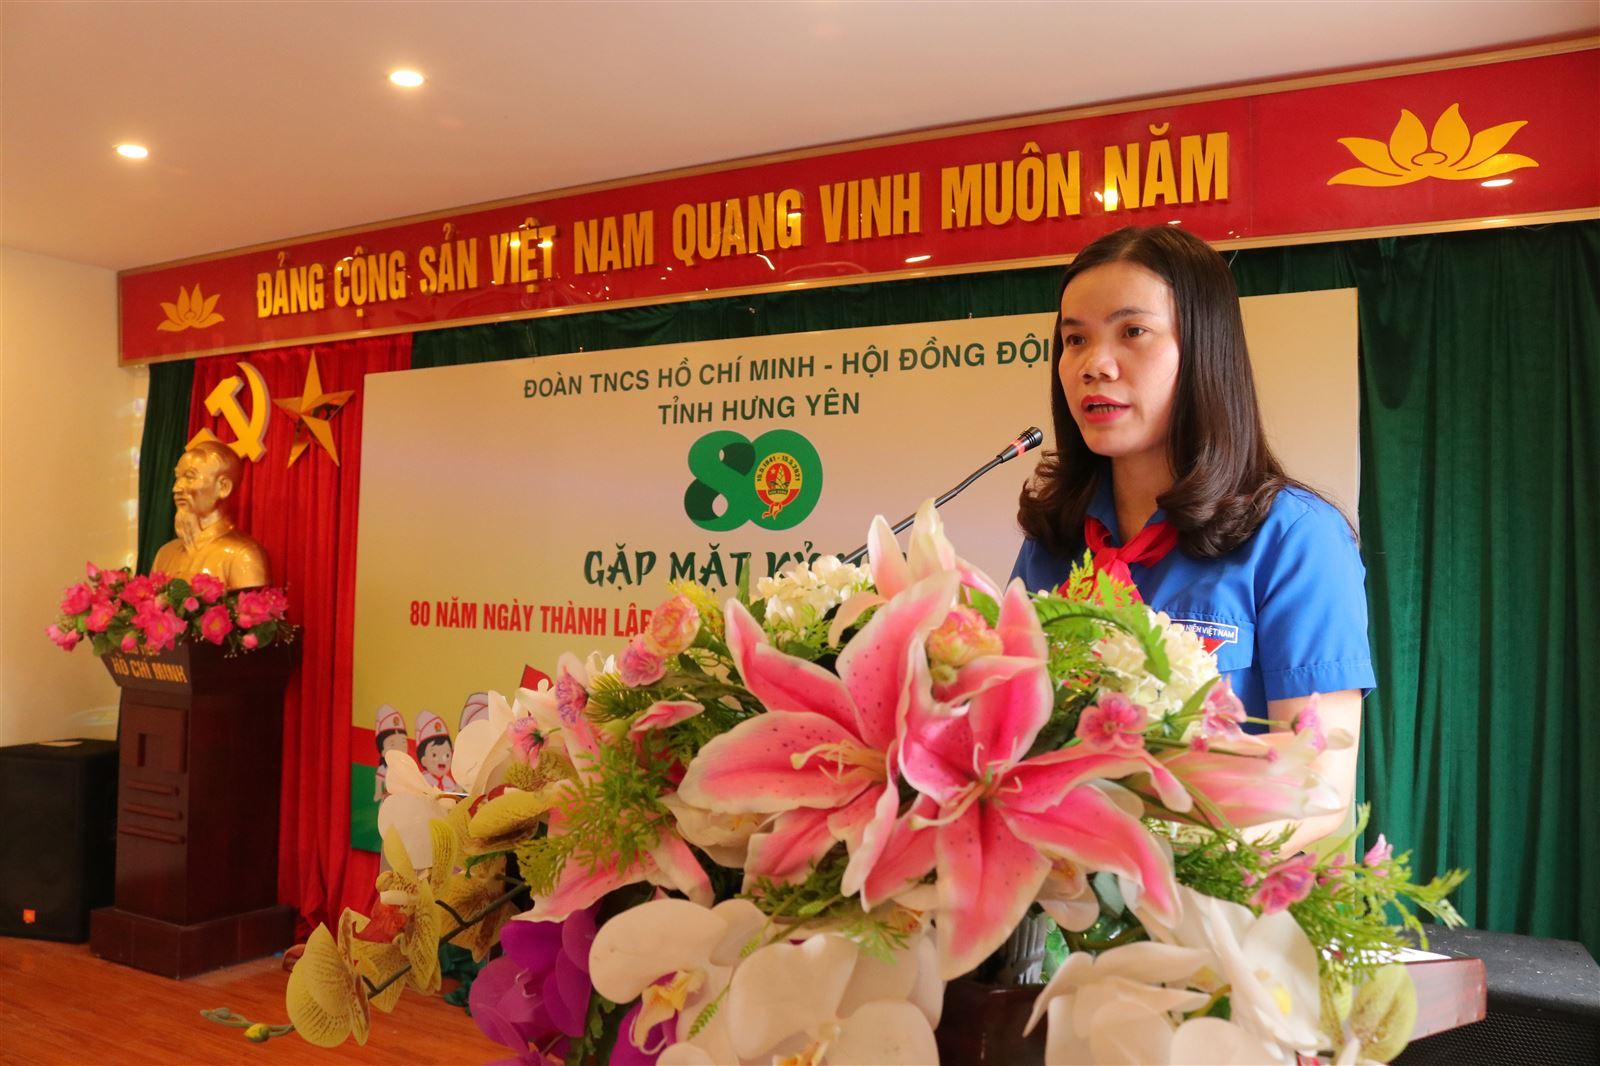 Tỉnh đoàn – Hội đồng Đội tỉnh Hưng Yên: Gặp mặt kỷ niệm 80 năm thành lập Đội TNTP Hồ Chí Minh